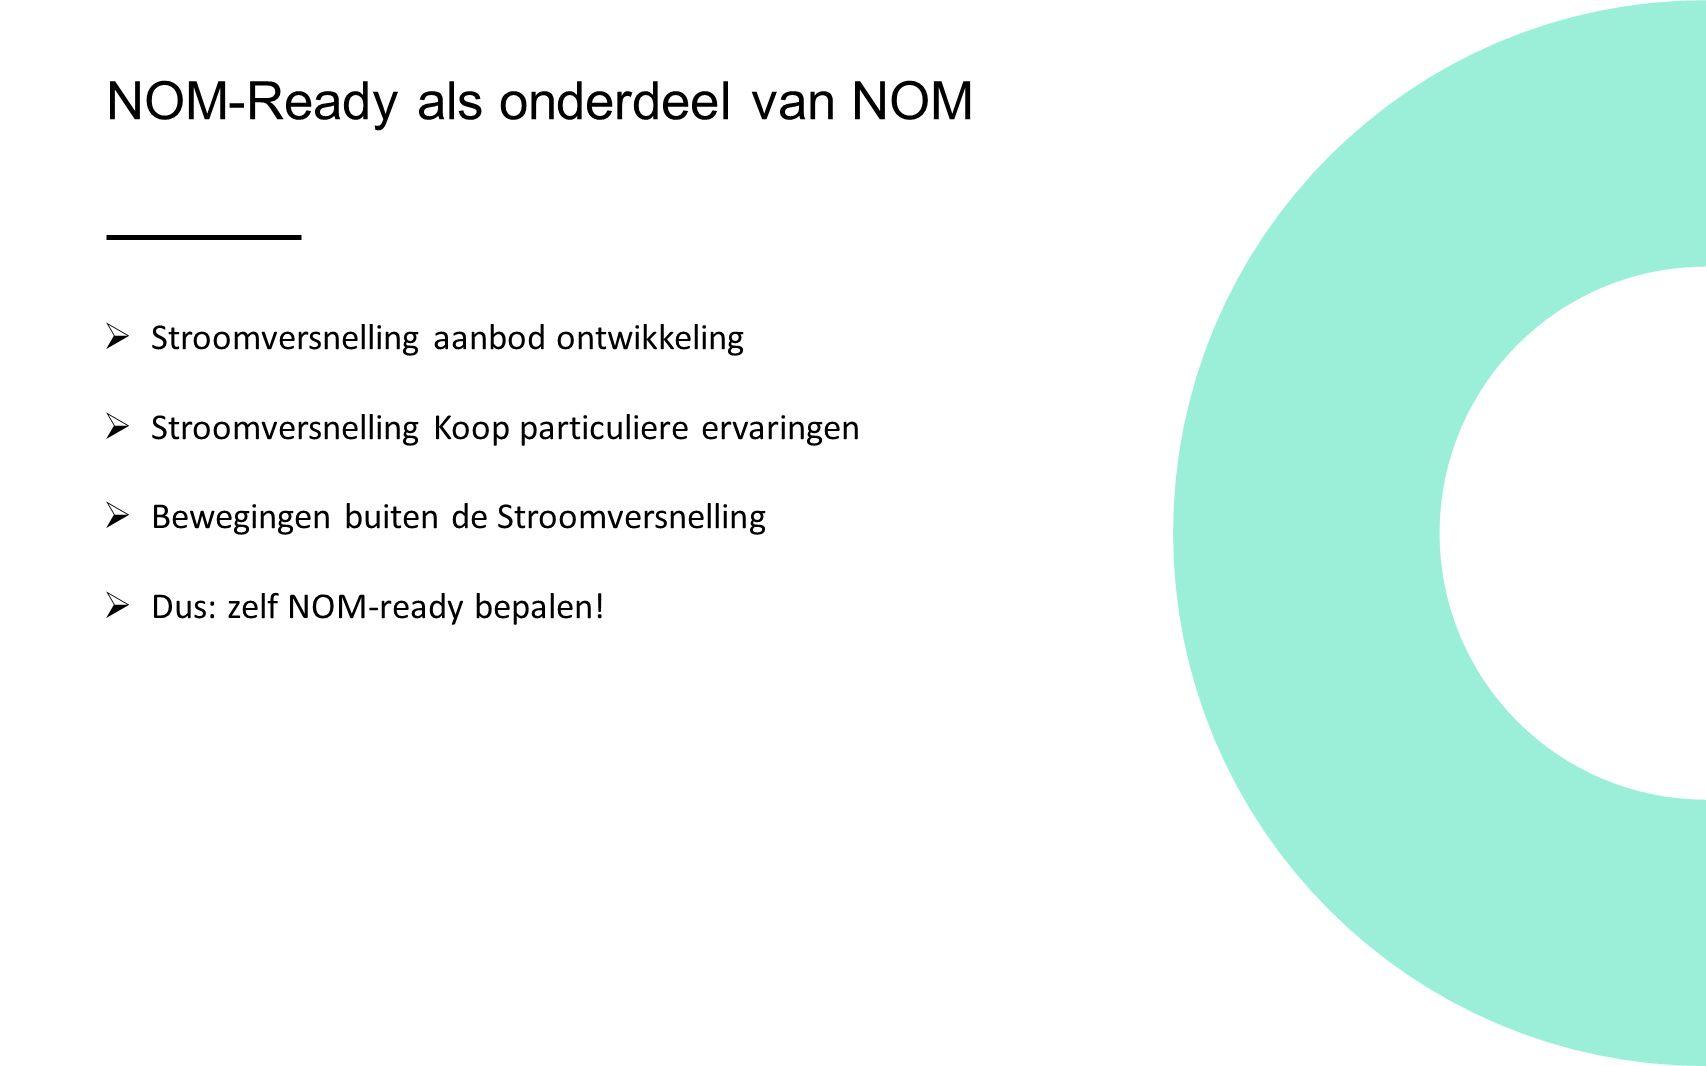 NOM-Ready als onderdeel van NOM  Stroomversnelling aanbod ontwikkeling  Stroomversnelling Koop particuliere ervaringen  Bewegingen buiten de Stroomversnelling  Dus: zelf NOM-ready bepalen!